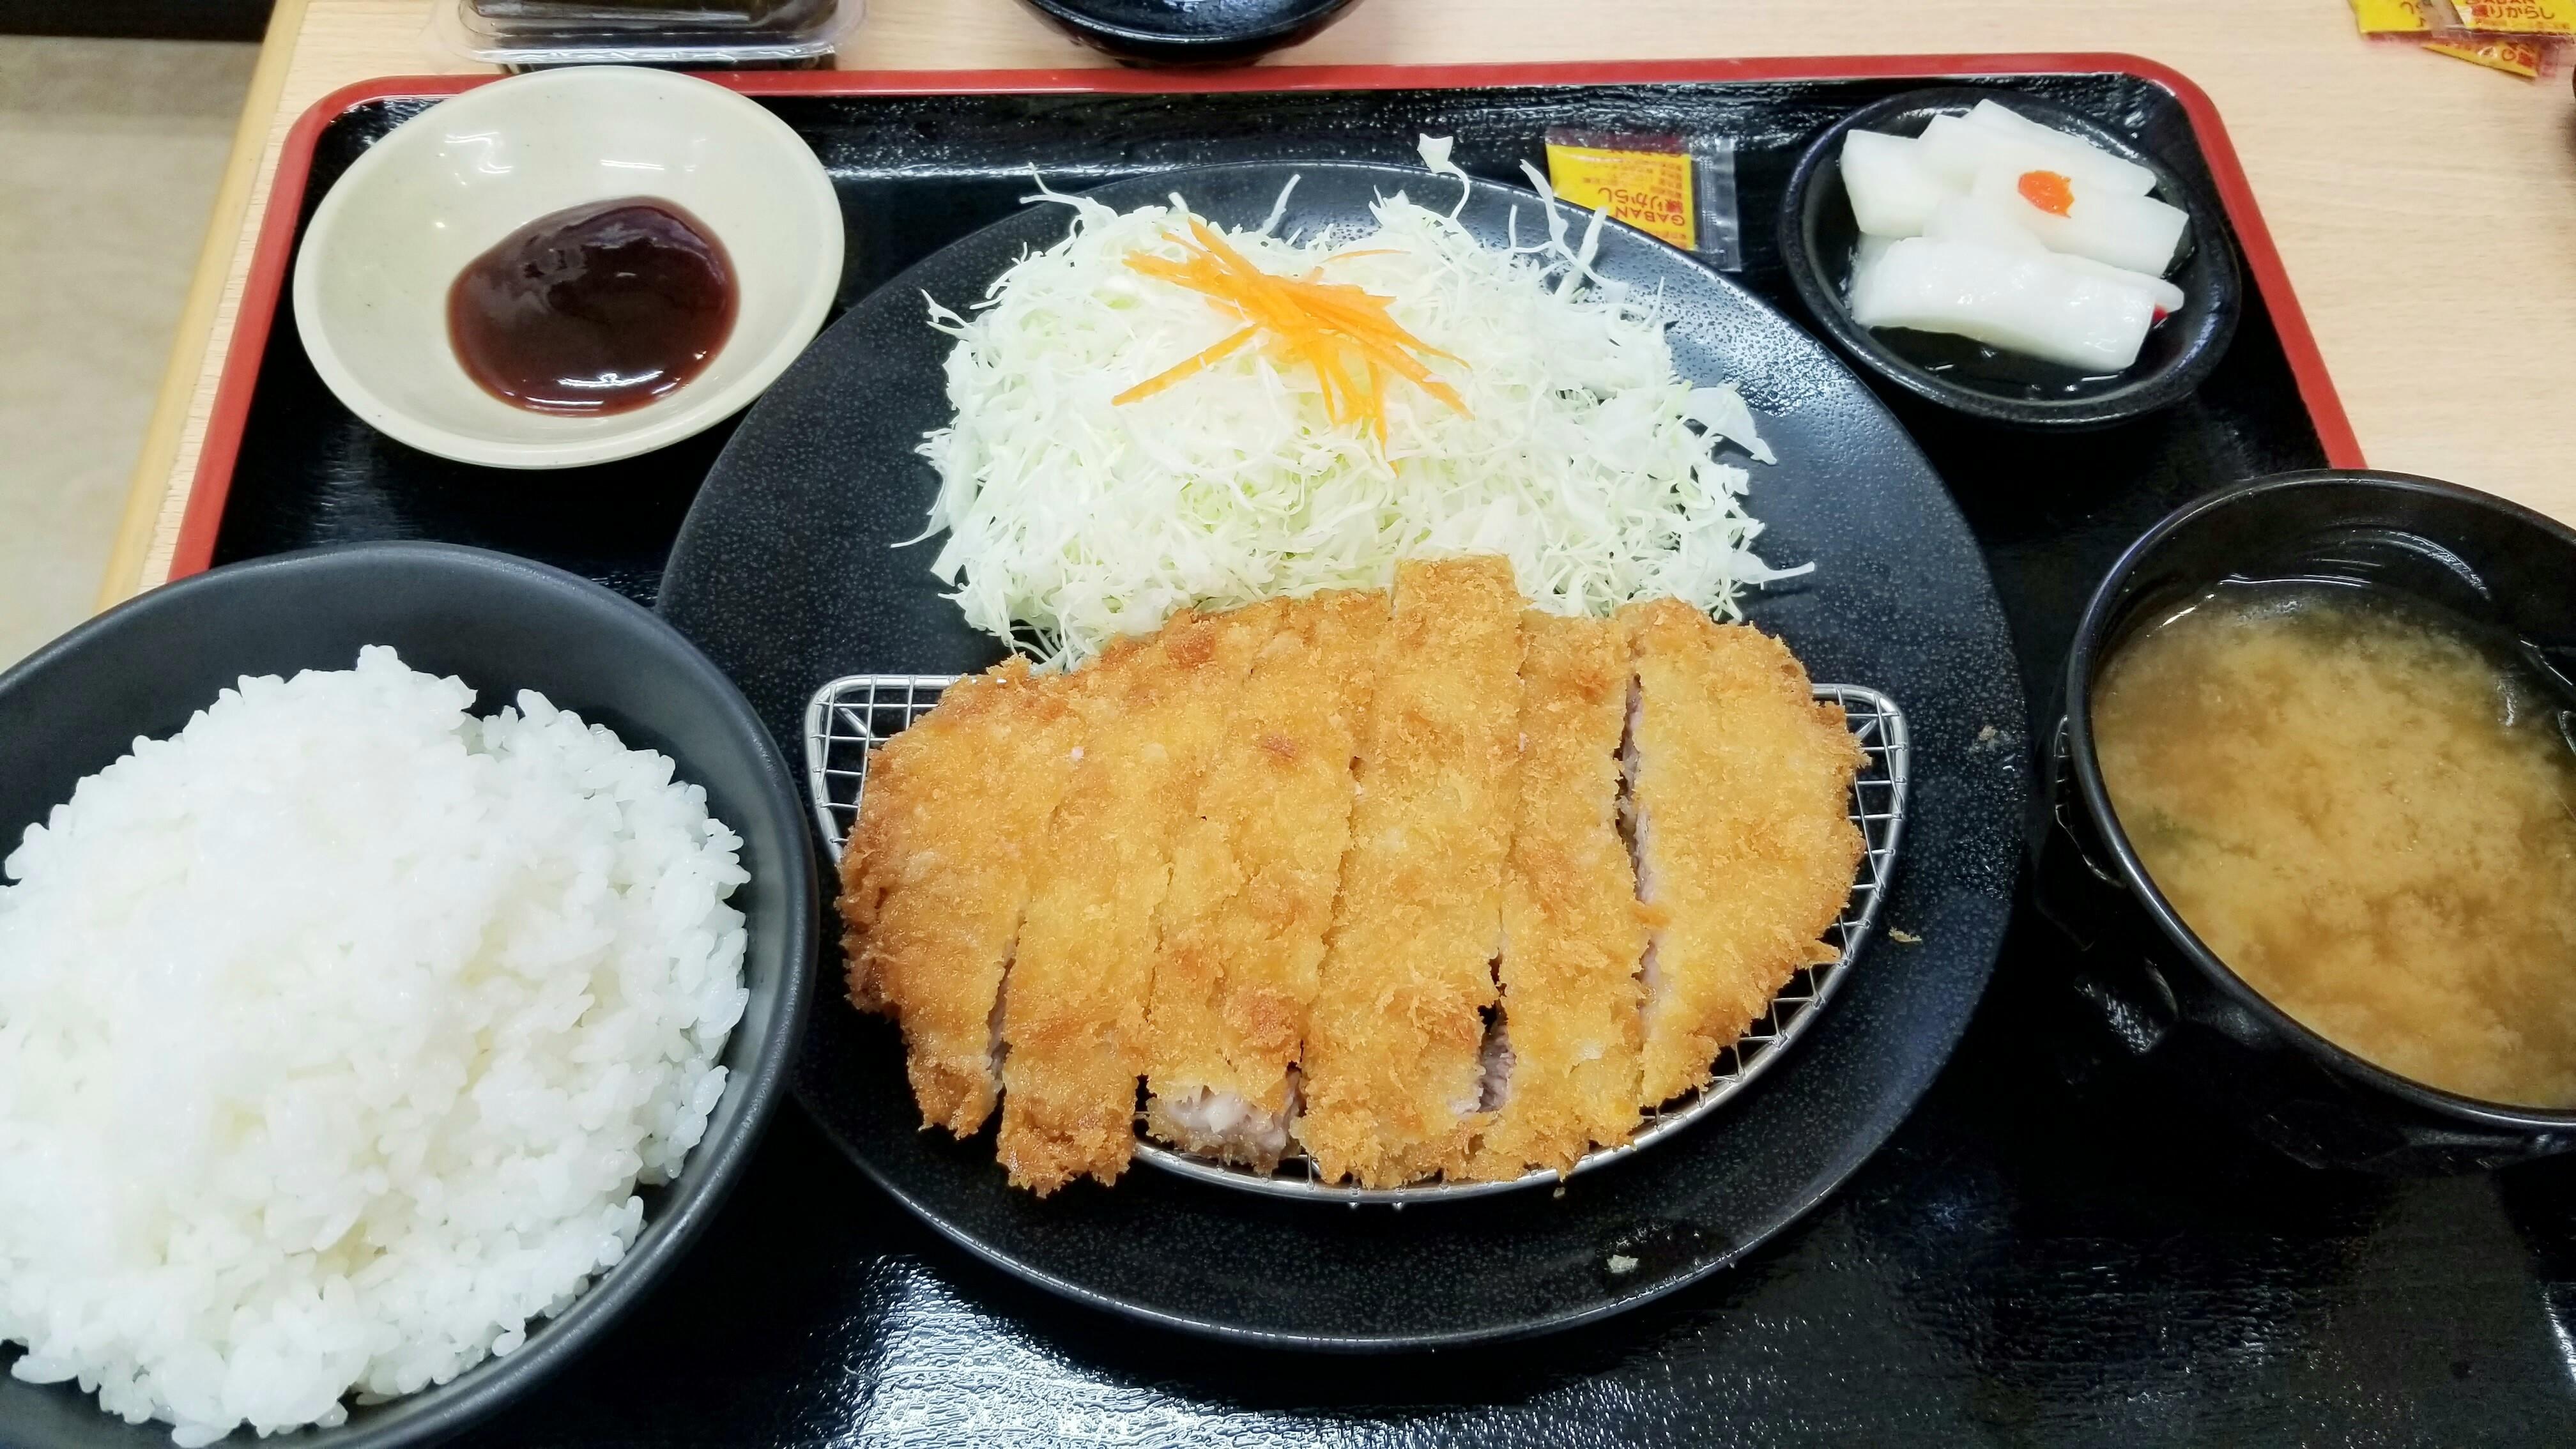 愛媛県松山市とんかつや屋ワンコインランチ安いおいしいおすすめ